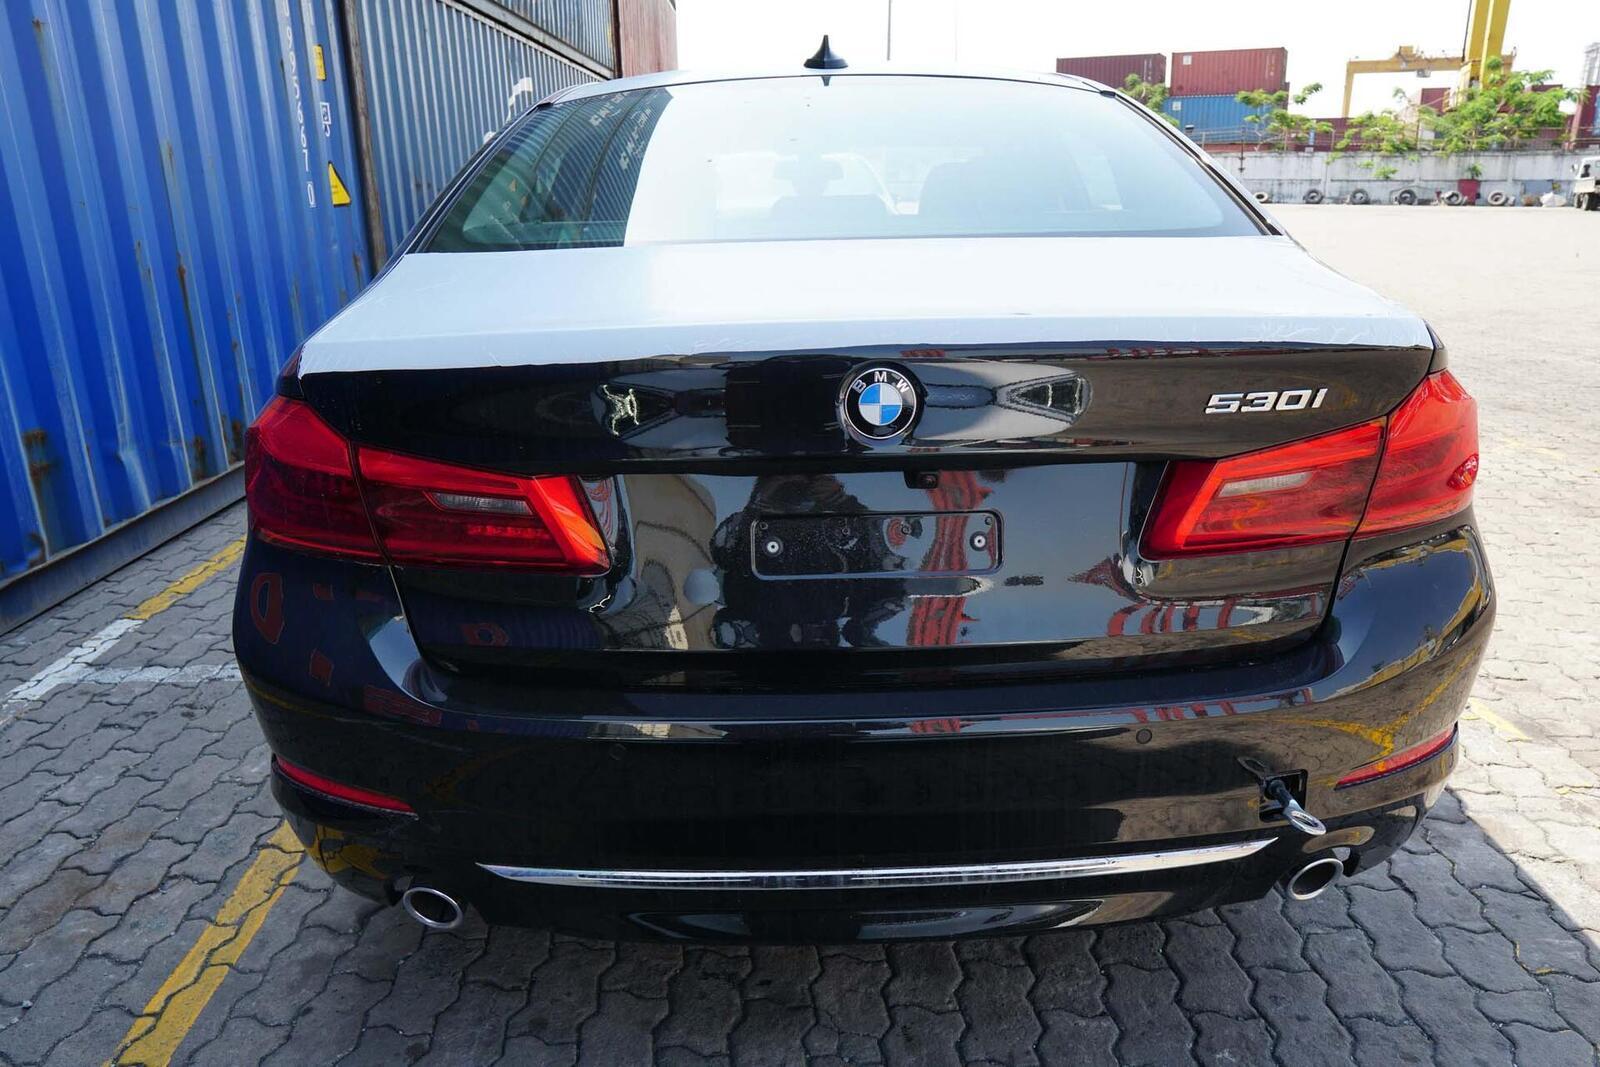 Cận cảnh BMW 5-Series mới (G30) vừa cập cảng tại Việt Nam - Hình 10